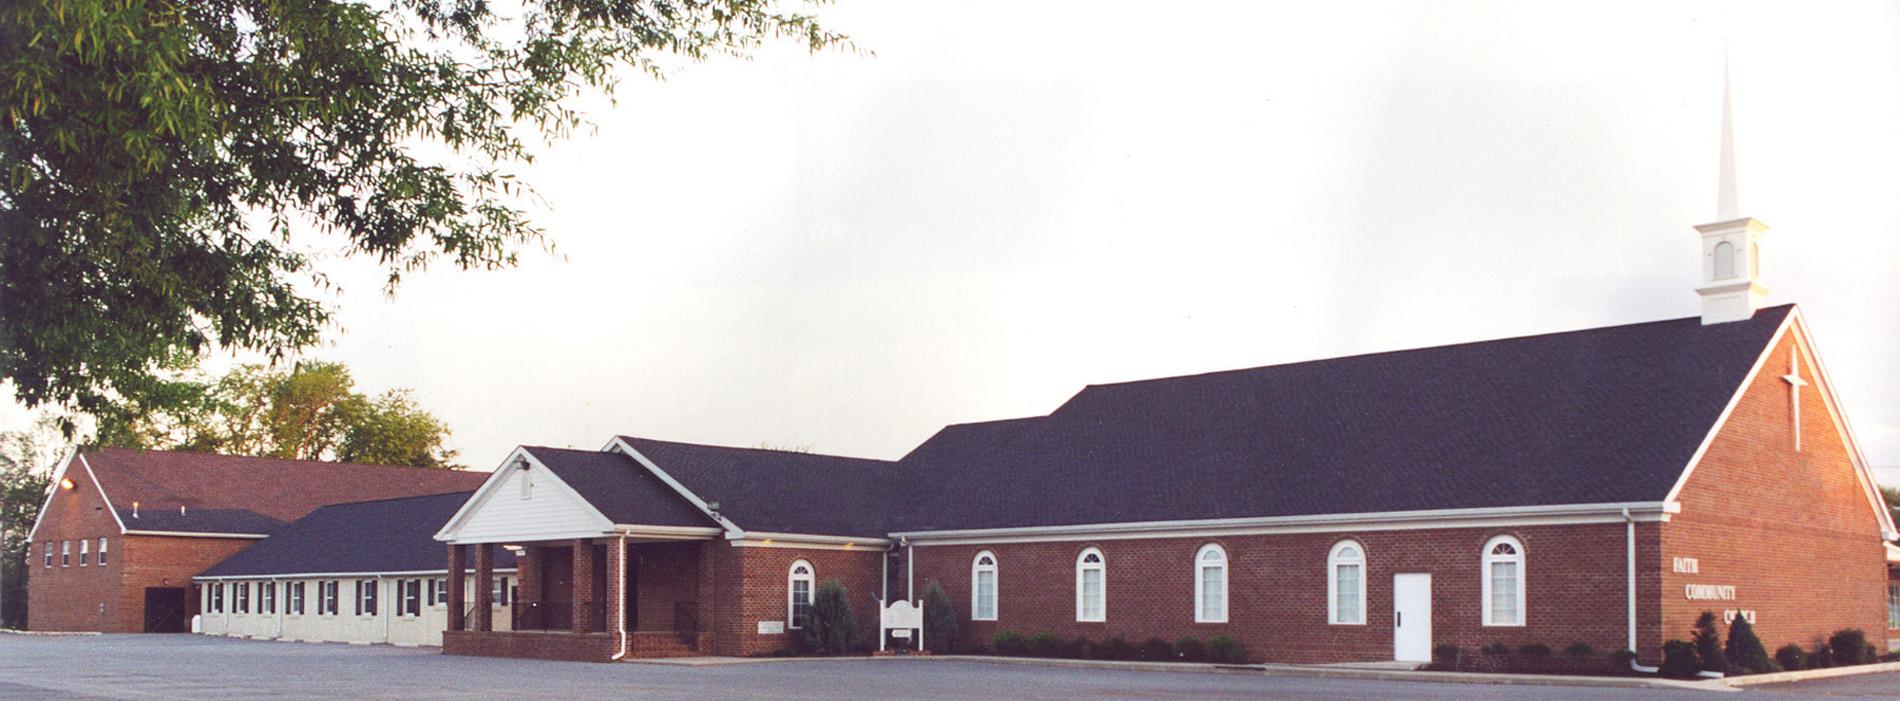 Faith Community Church Homepage - Faith Community Church